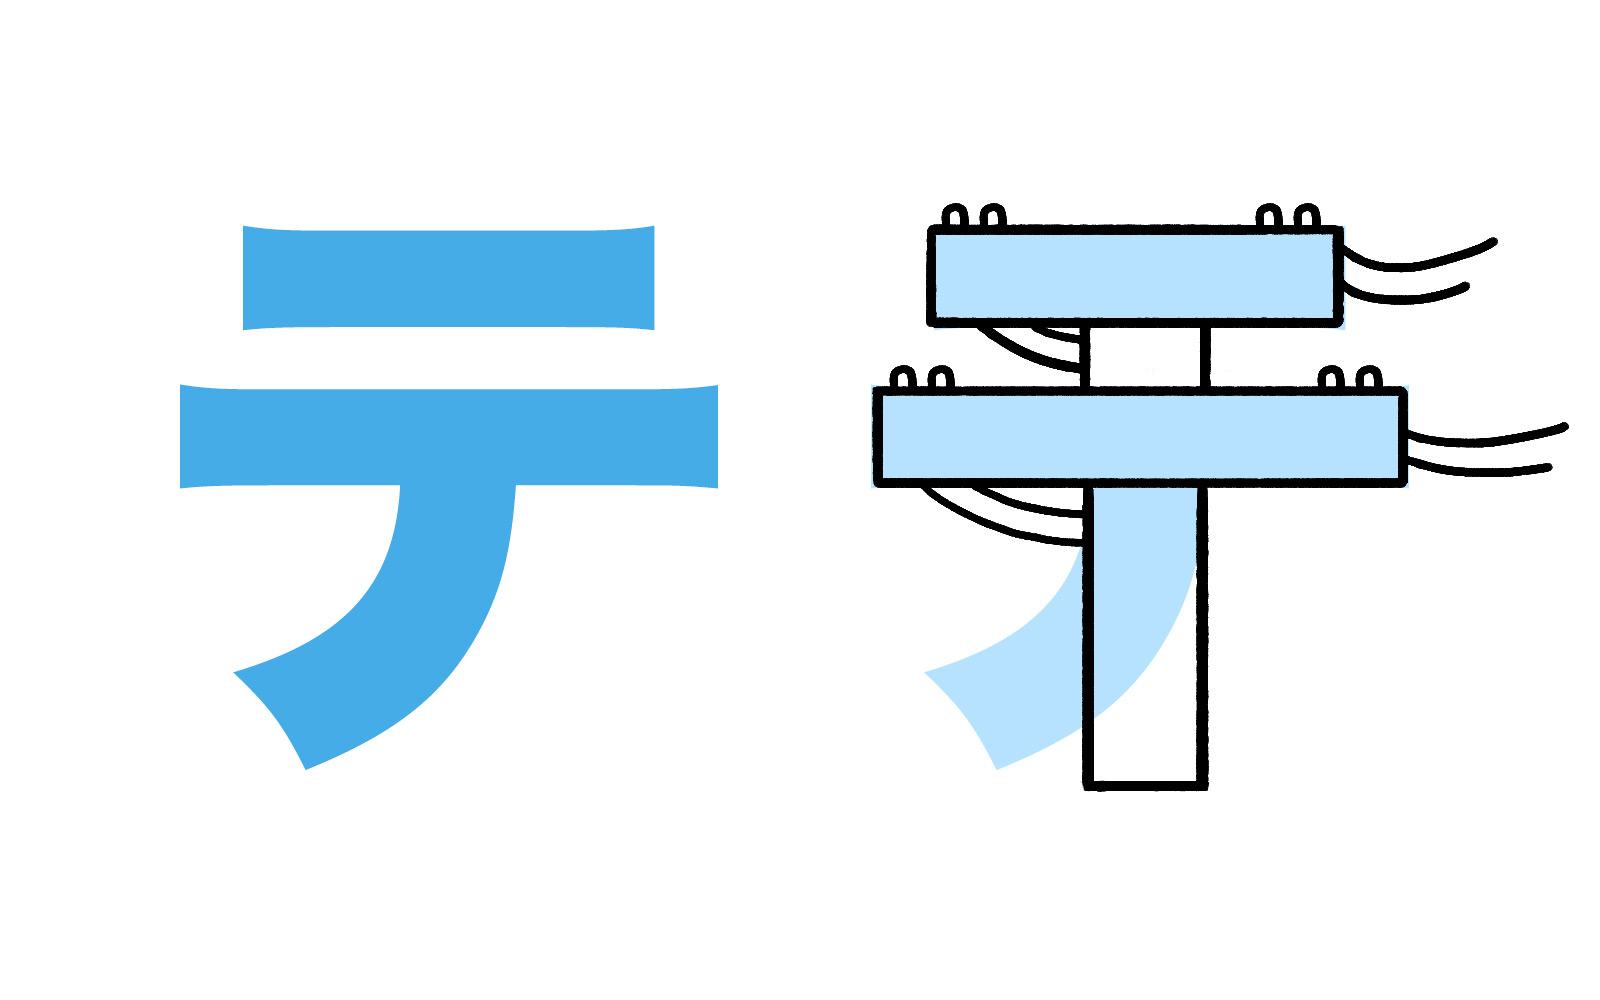 Katakana character テ mnemonic